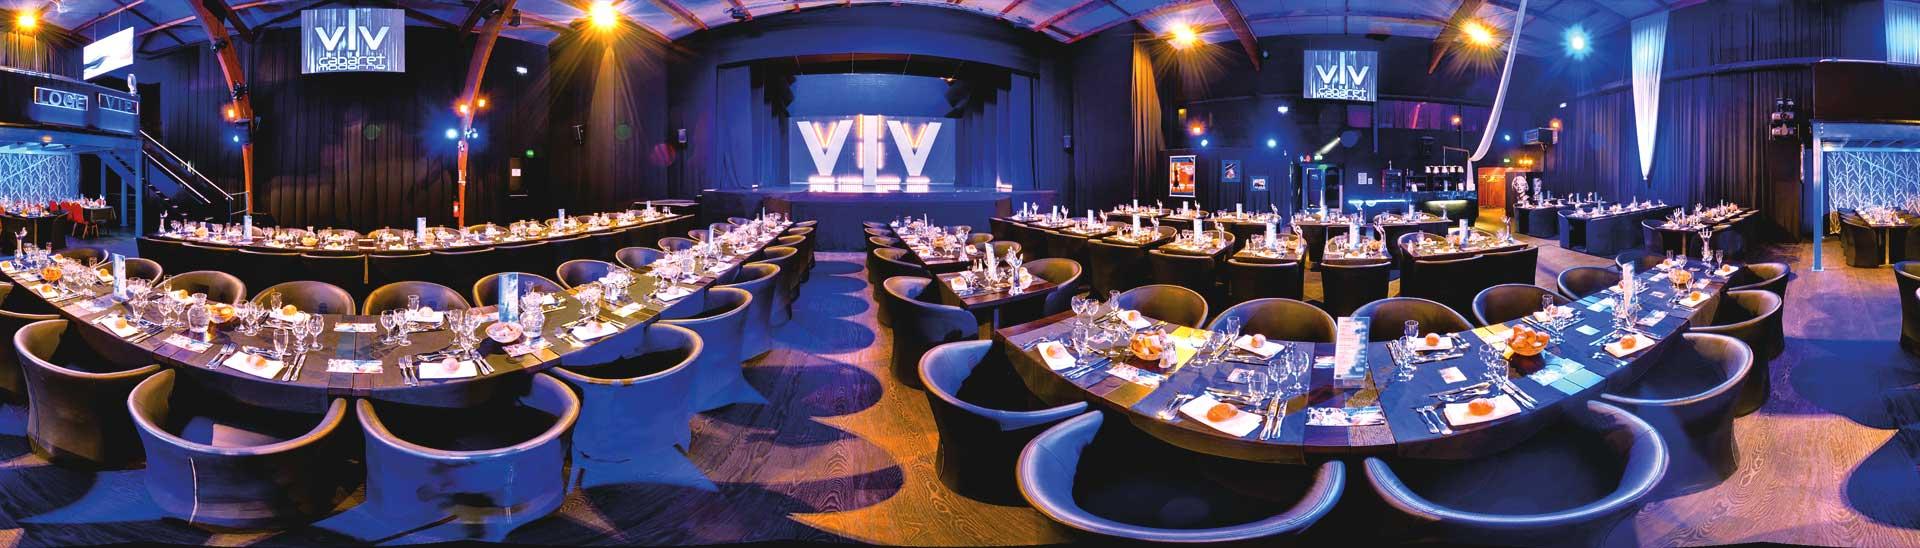 Congrès et séminaires, salle de réception, diner-spectacle, Voulez-Vous Orléans